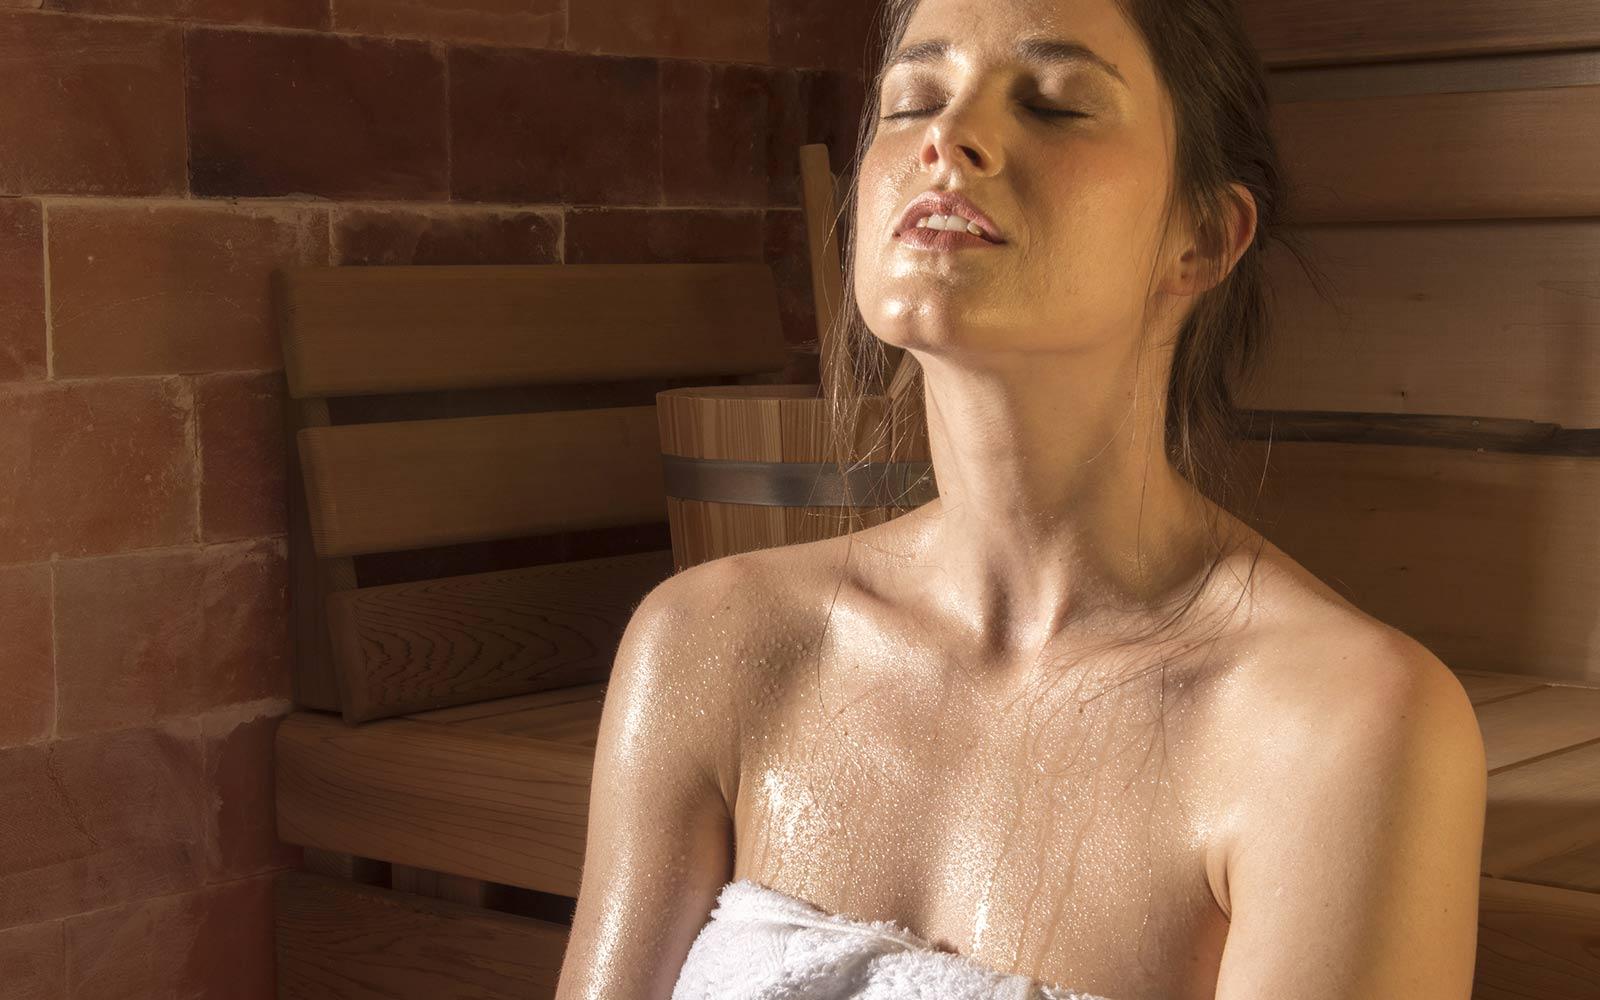 Saunováním se zlepší termoregulační schopnost organismu